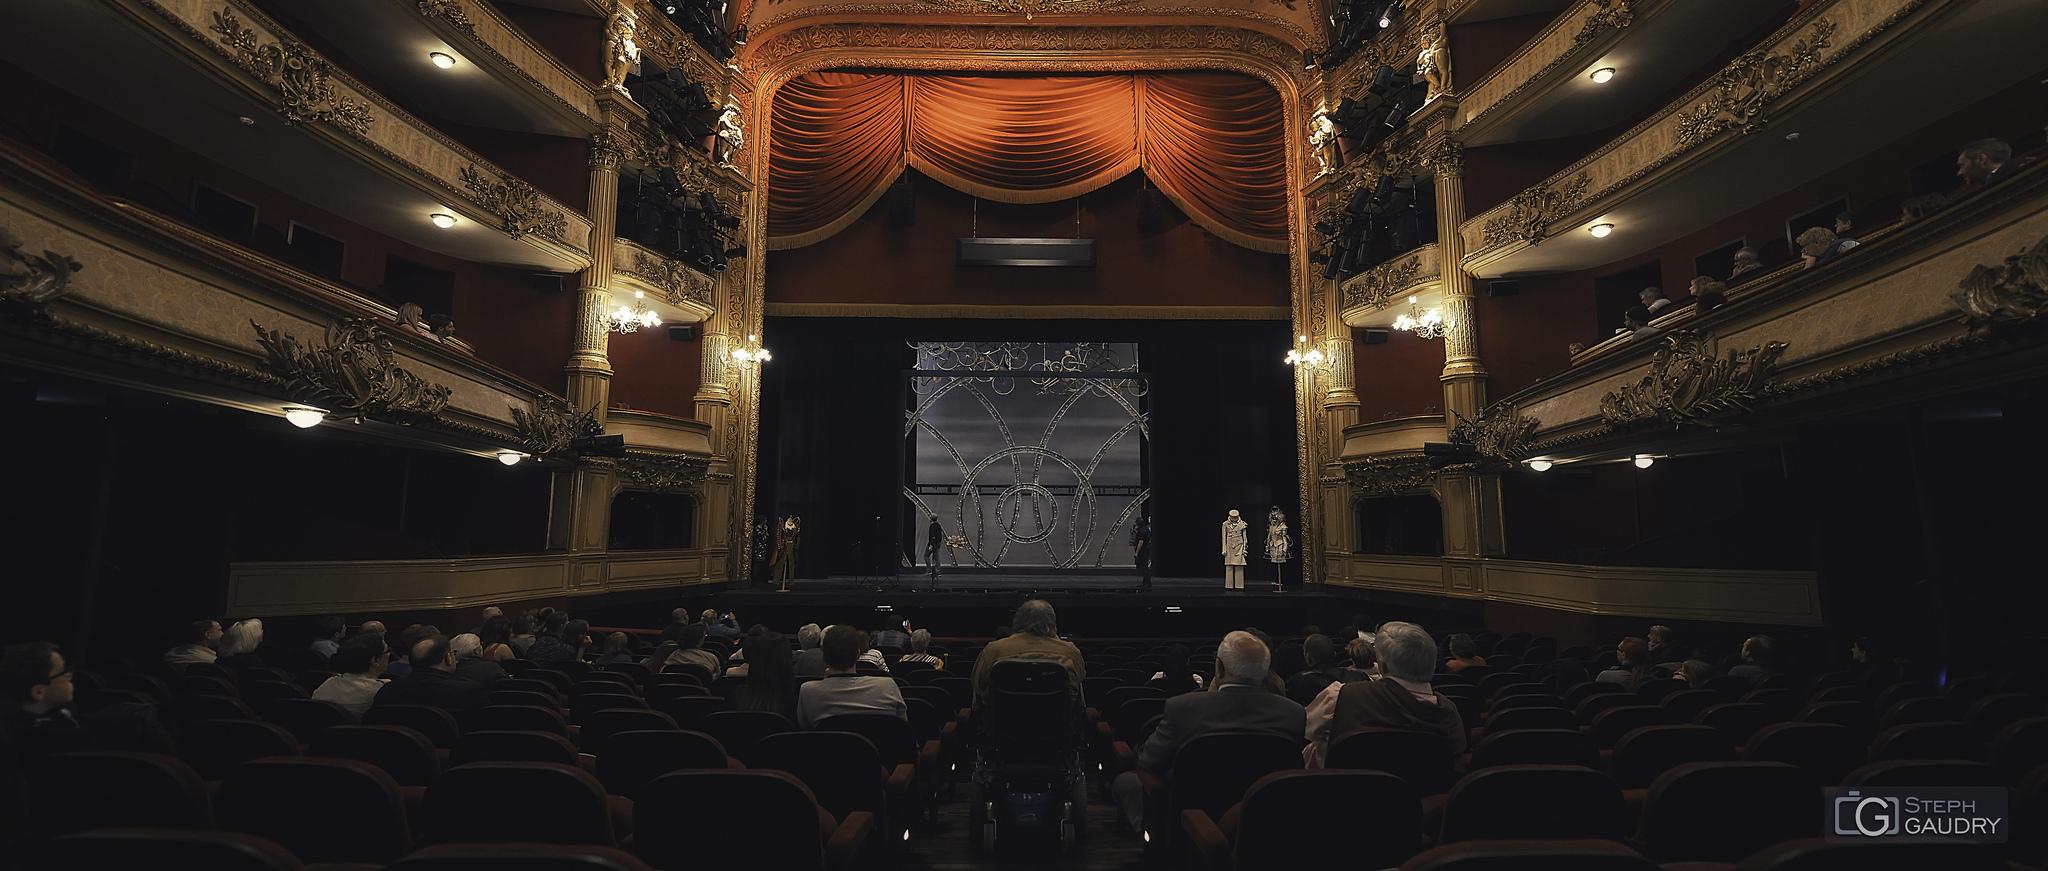 Opéra de Liège - Fleur de Peau [Klik om de diavoorstelling te starten]